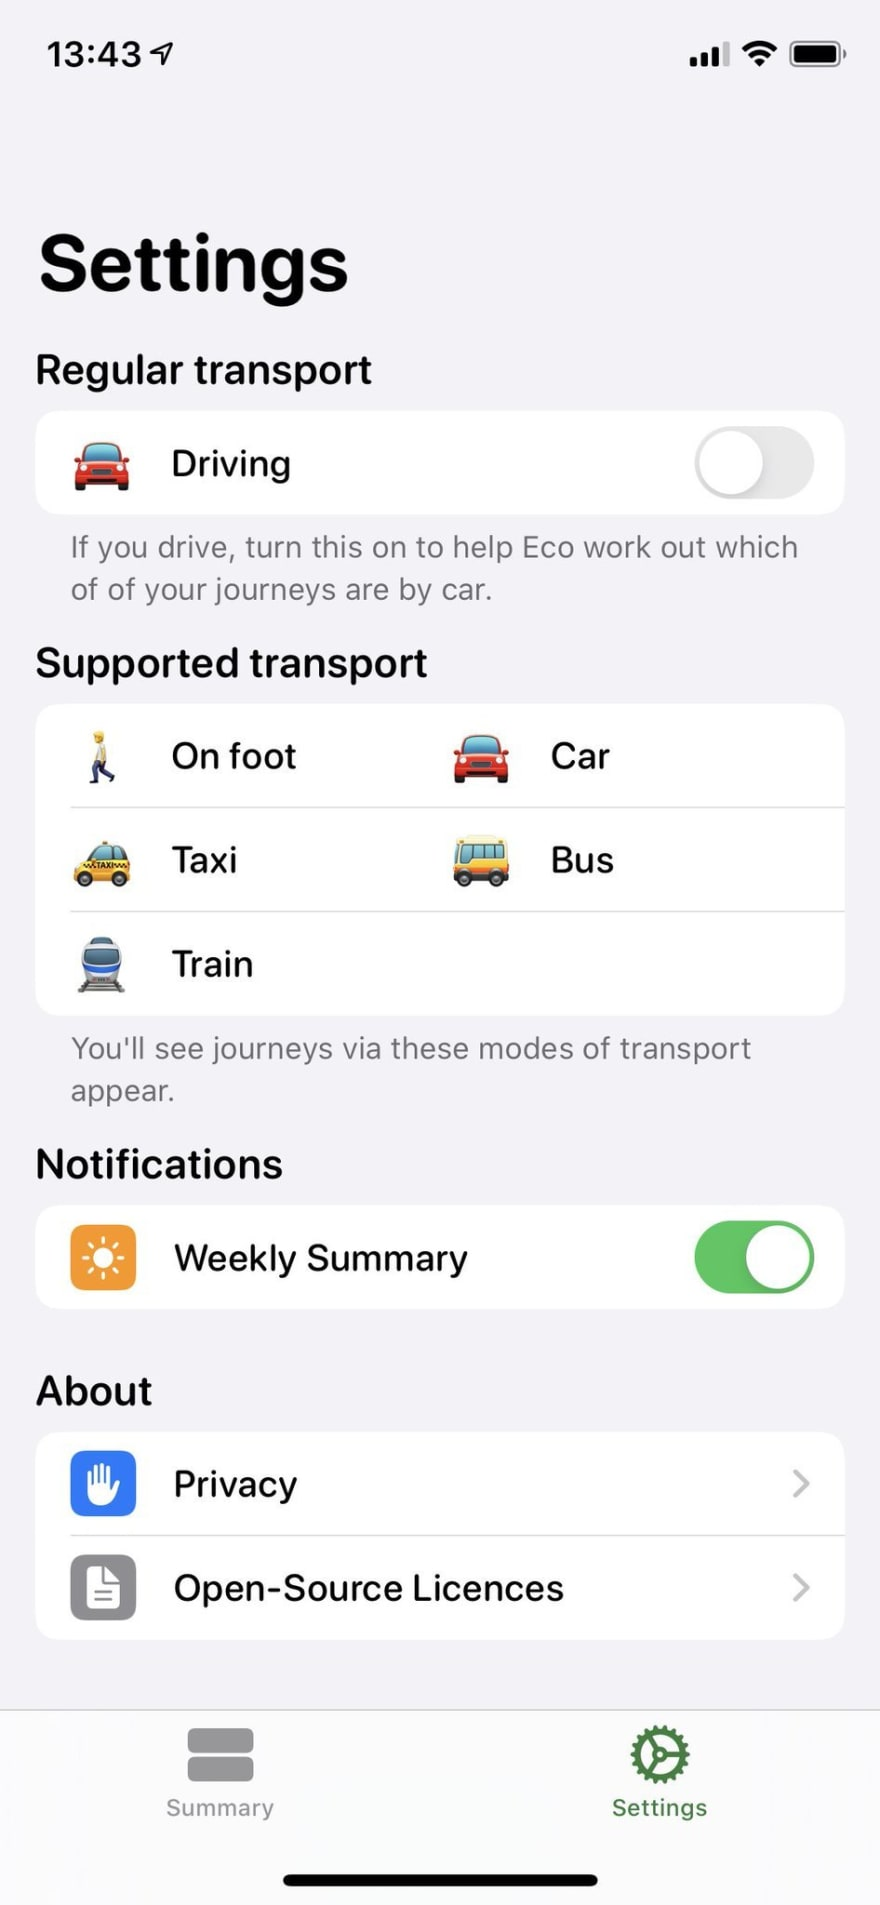 Settings screen of the iOS app